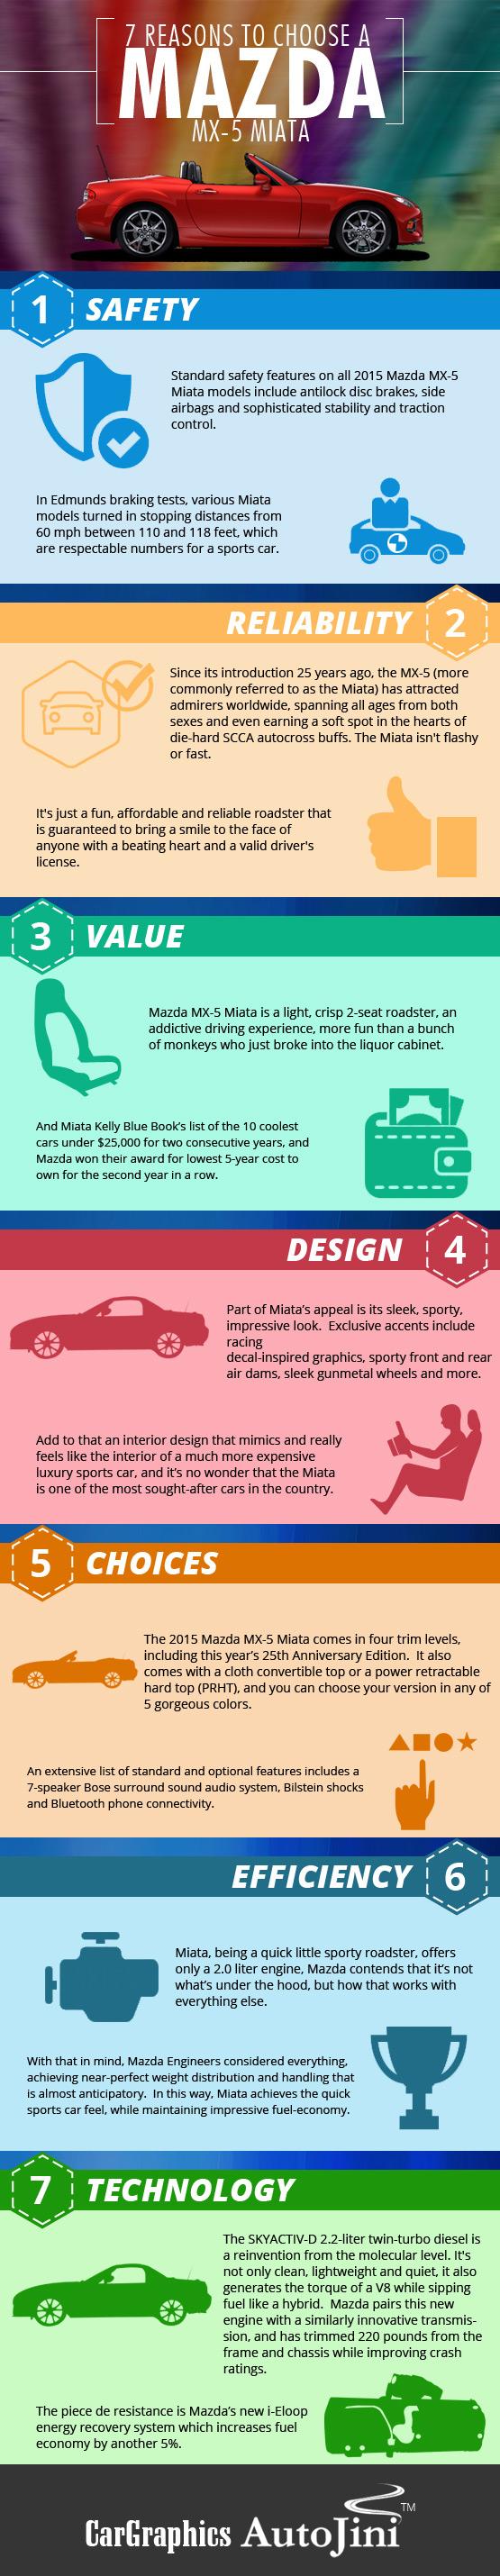 7 reason to choose mazda mx 5 miata mazda mazda cx5 mazda cars pinterest